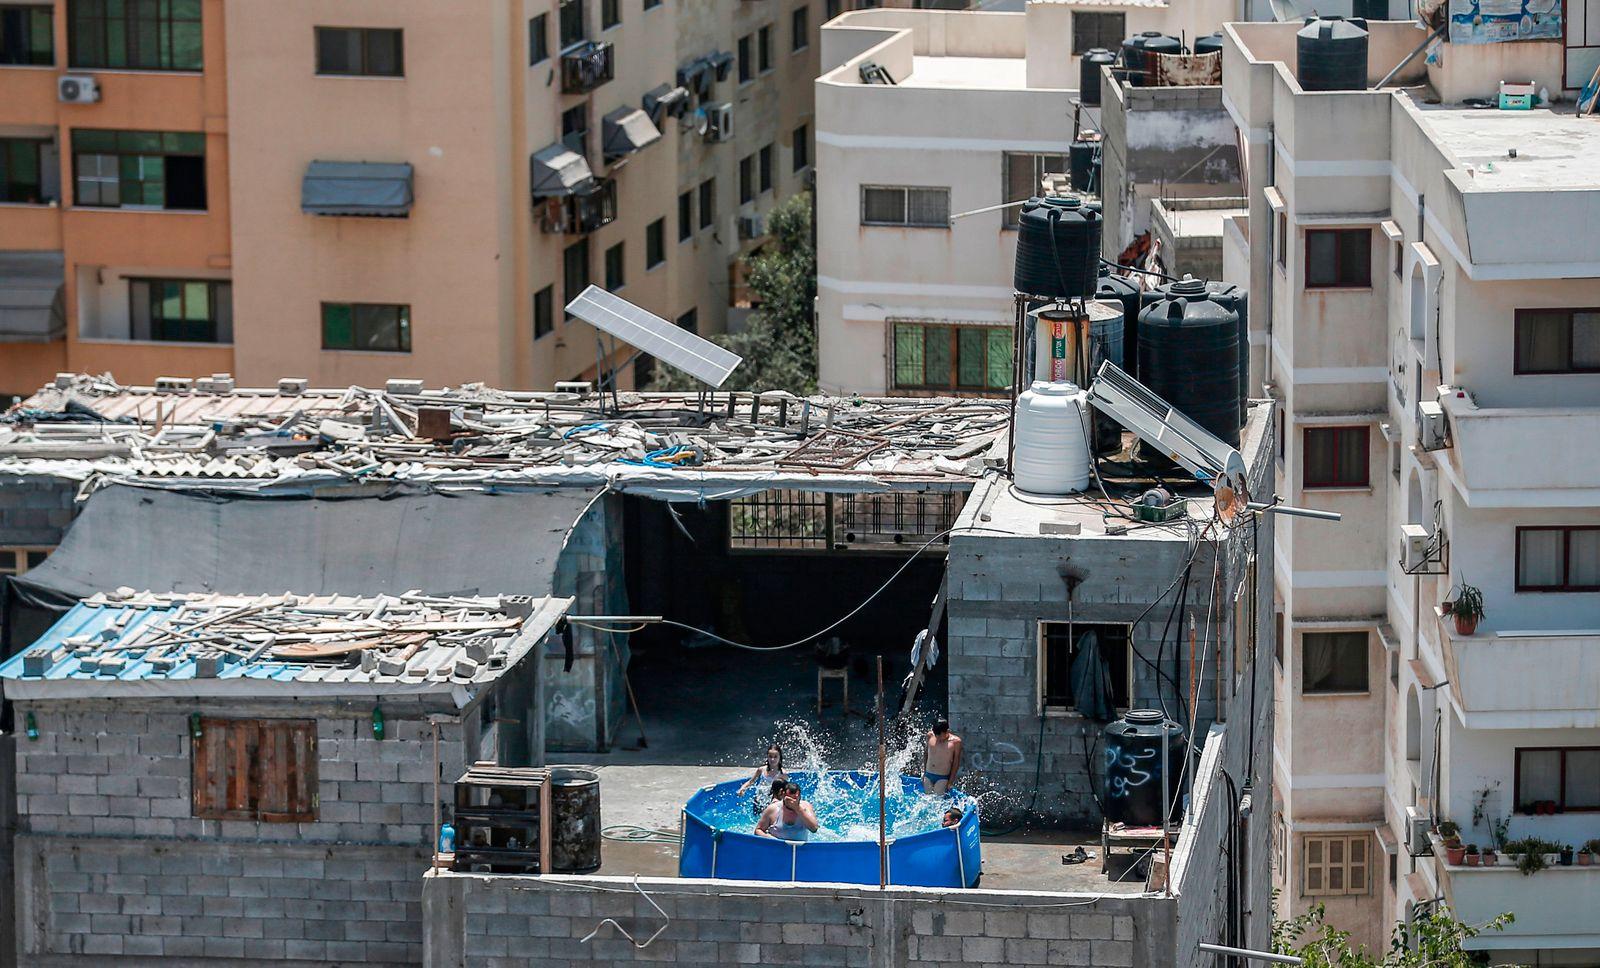 TOPSHOT-PALESTINIAN-GAZA-DAILY LIFE